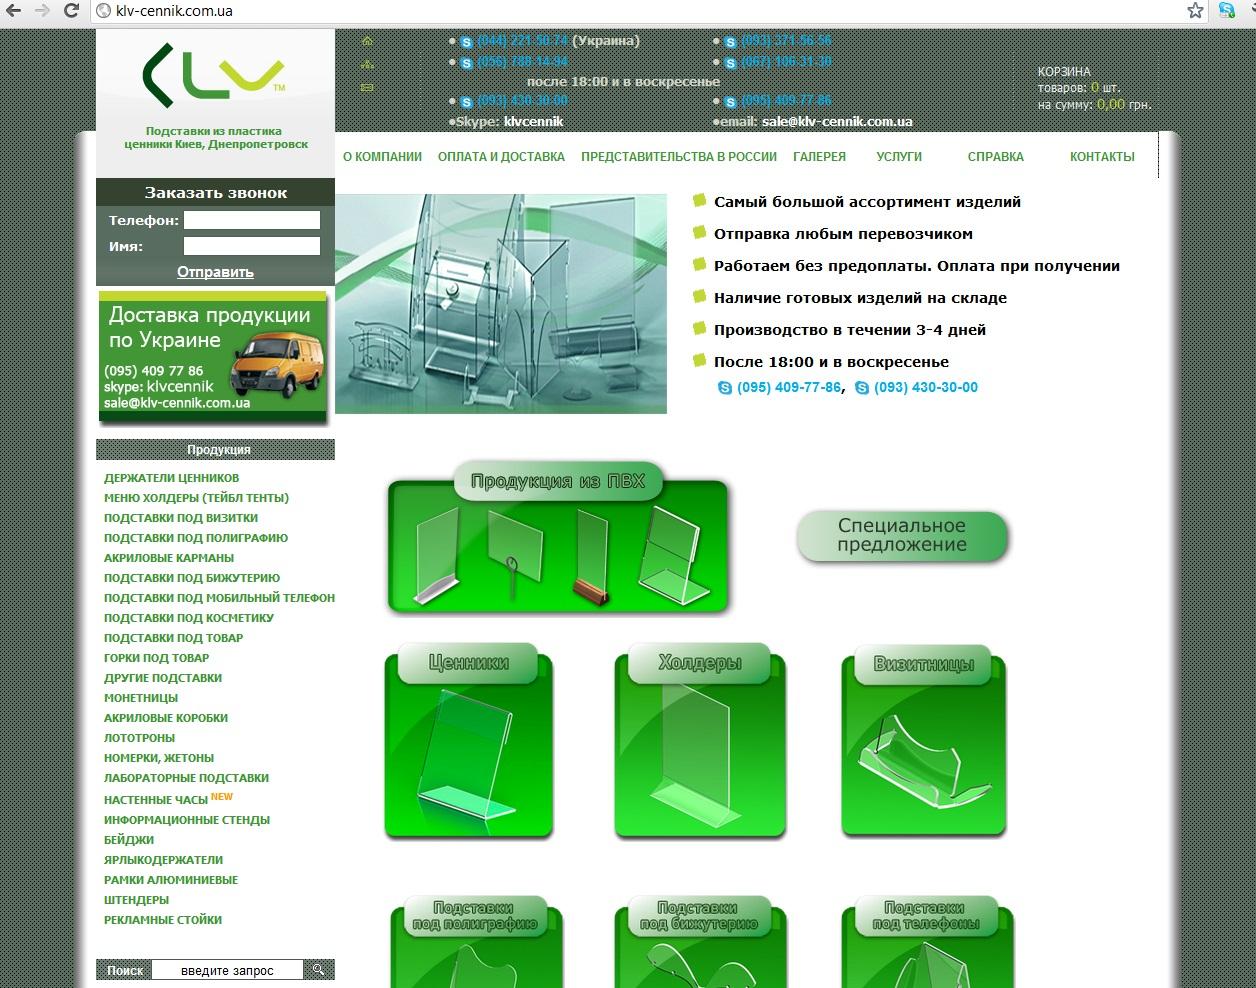 Заполнения товарными позициями ИМ(klv-cennik.com.ua/)(Самописная CMS)